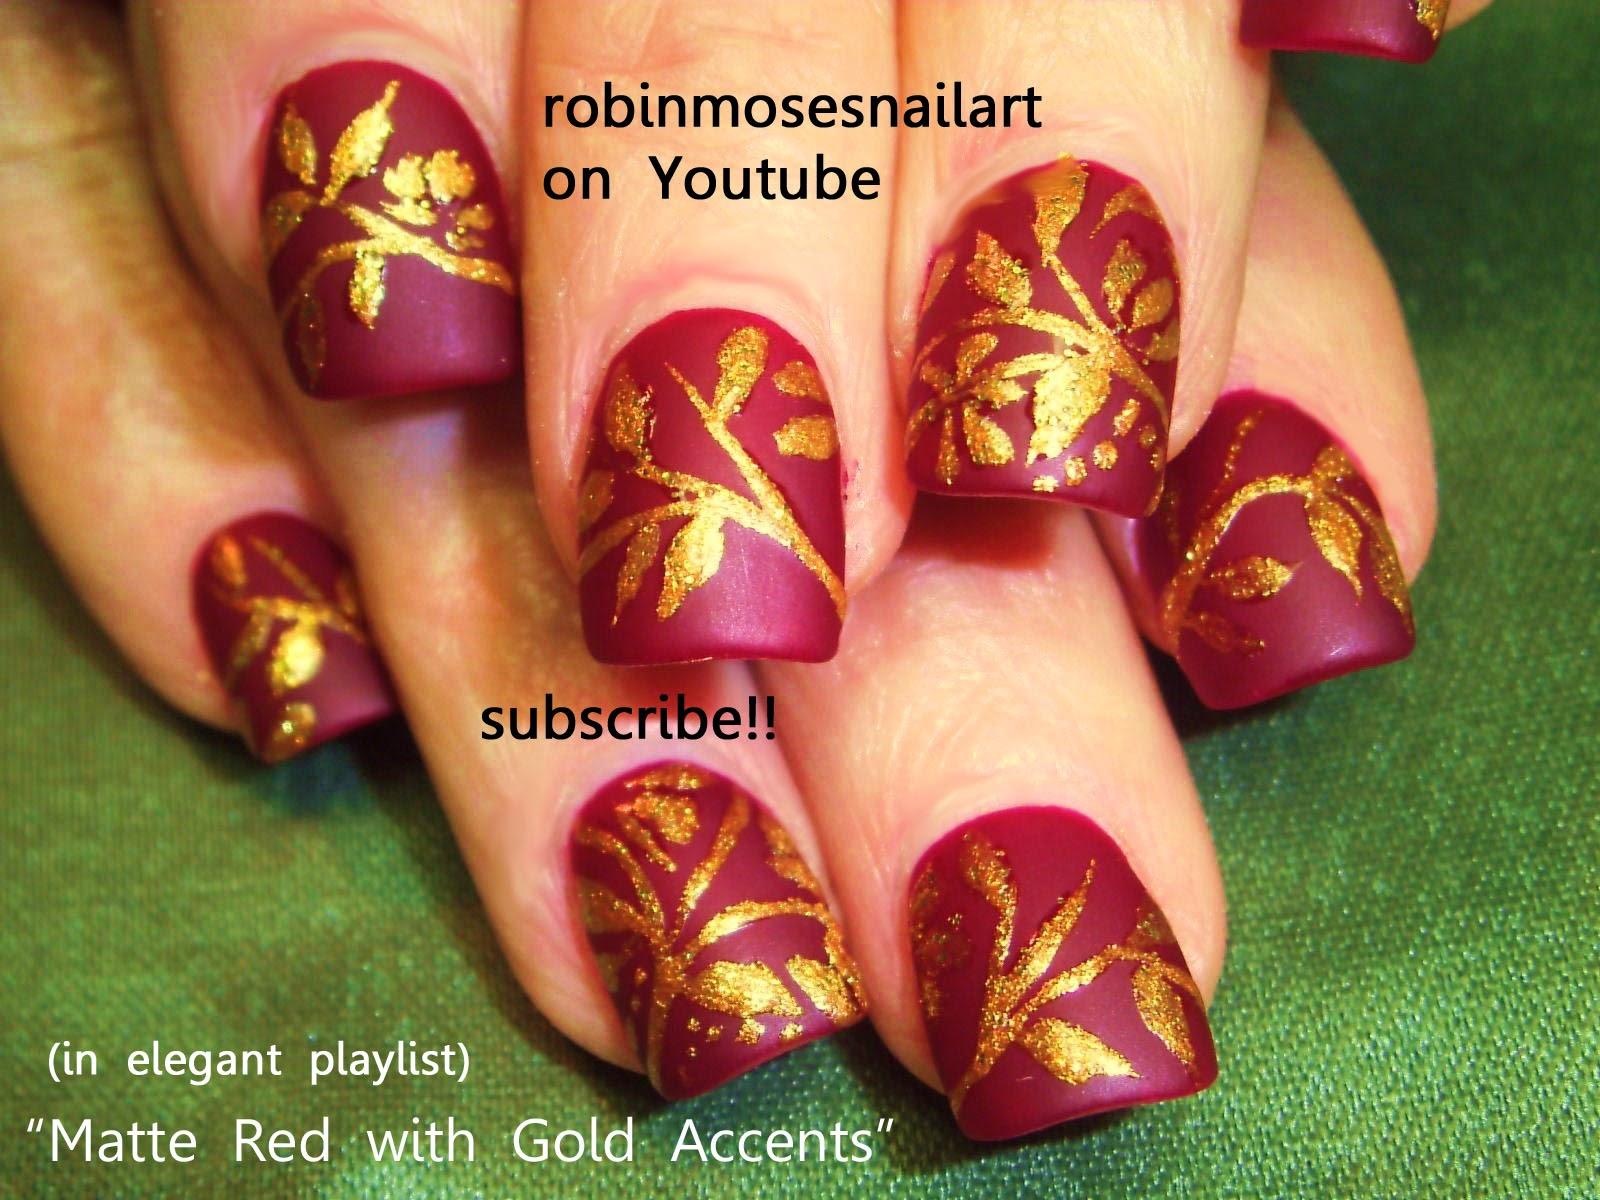 Robin Moses Nail Art Quothenna Nail Artquot Quothenna Nailsquot Quothenna Nail